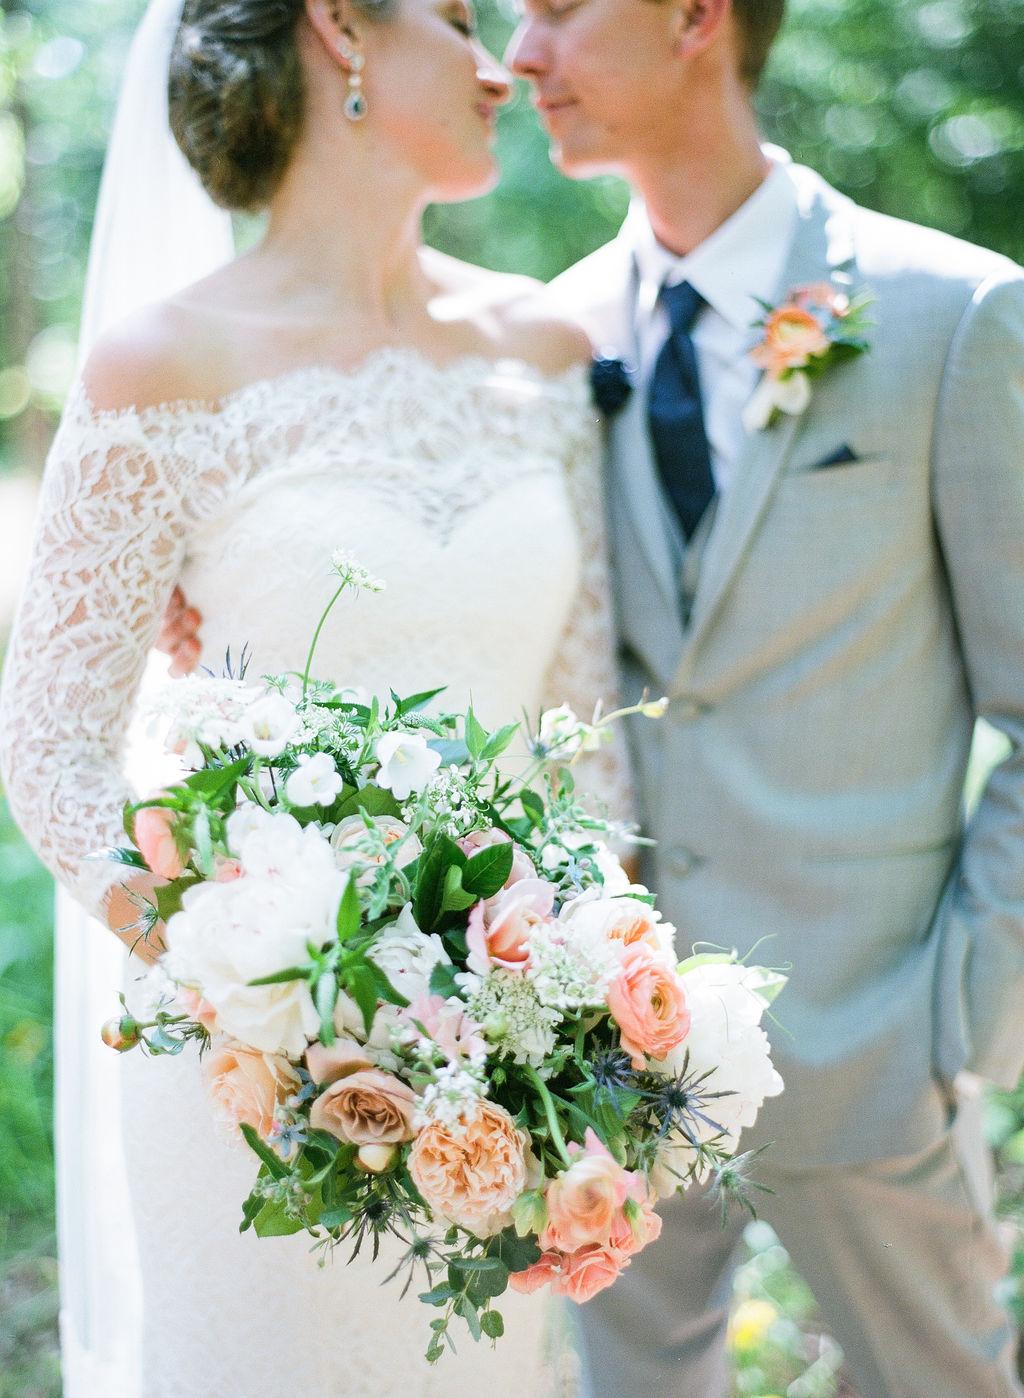 barn_of_Chapel_Hill_garden_bouquet.jpg